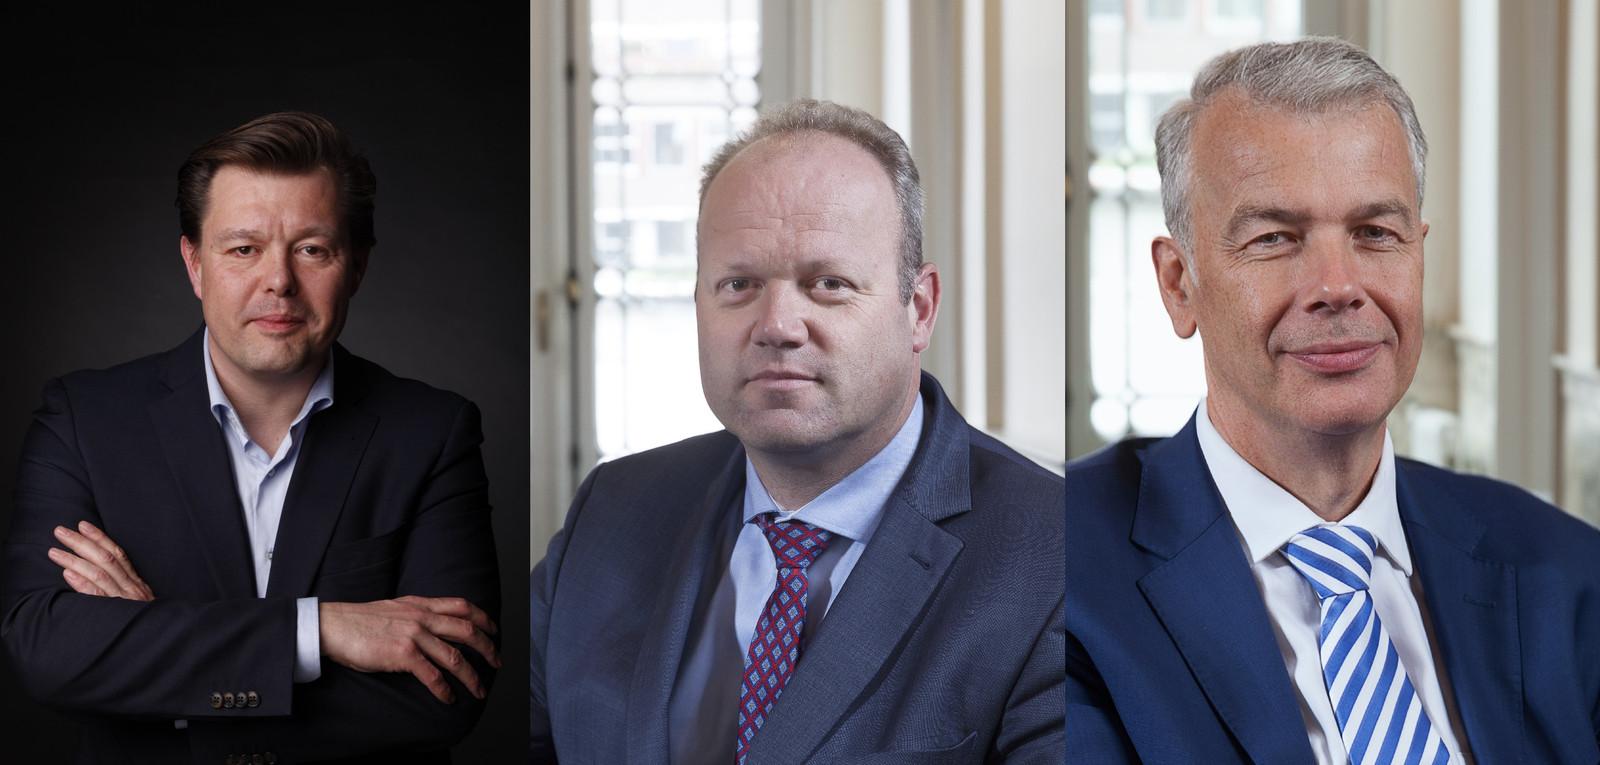 Kees Kraanen (VVD), Menno Tigelaar (ChristenUnie) en Hans Buijtelaar (VVD).